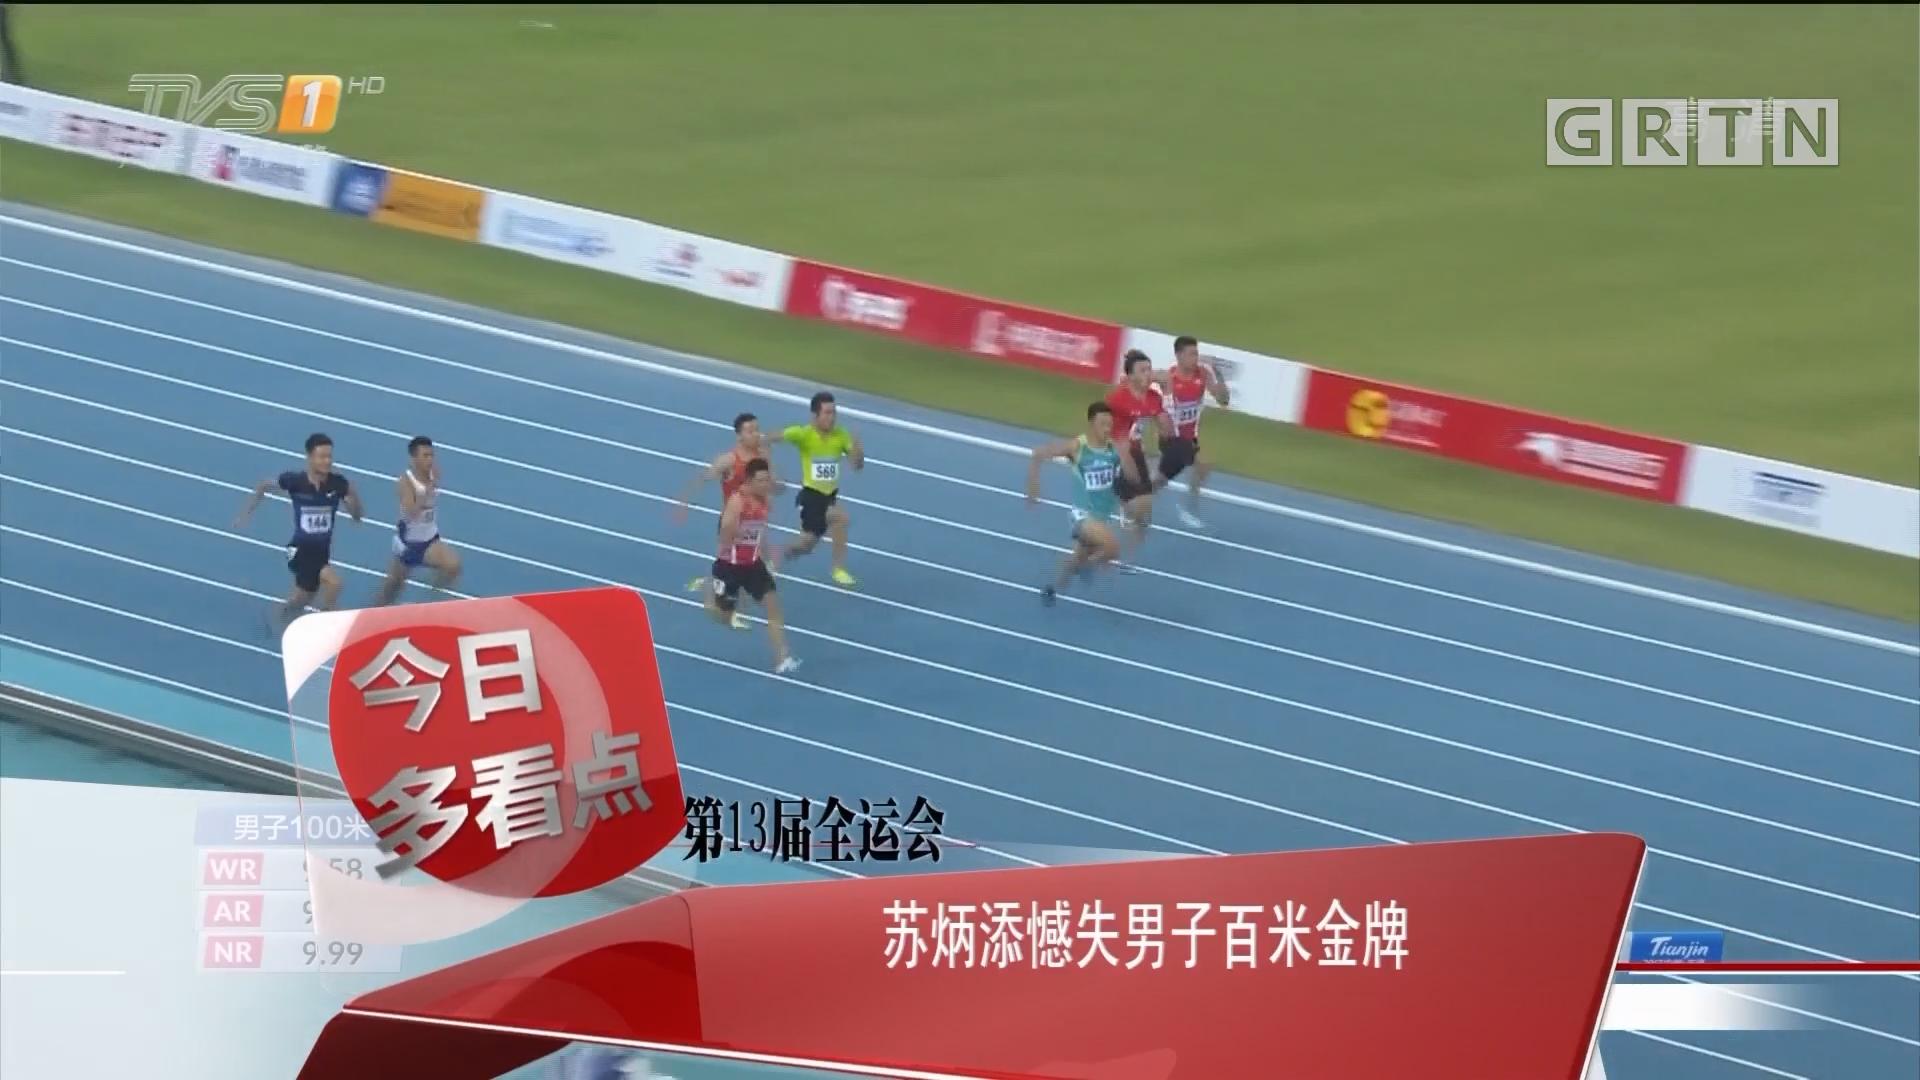 第13届全运会:苏炳添憾失男子百米金牌